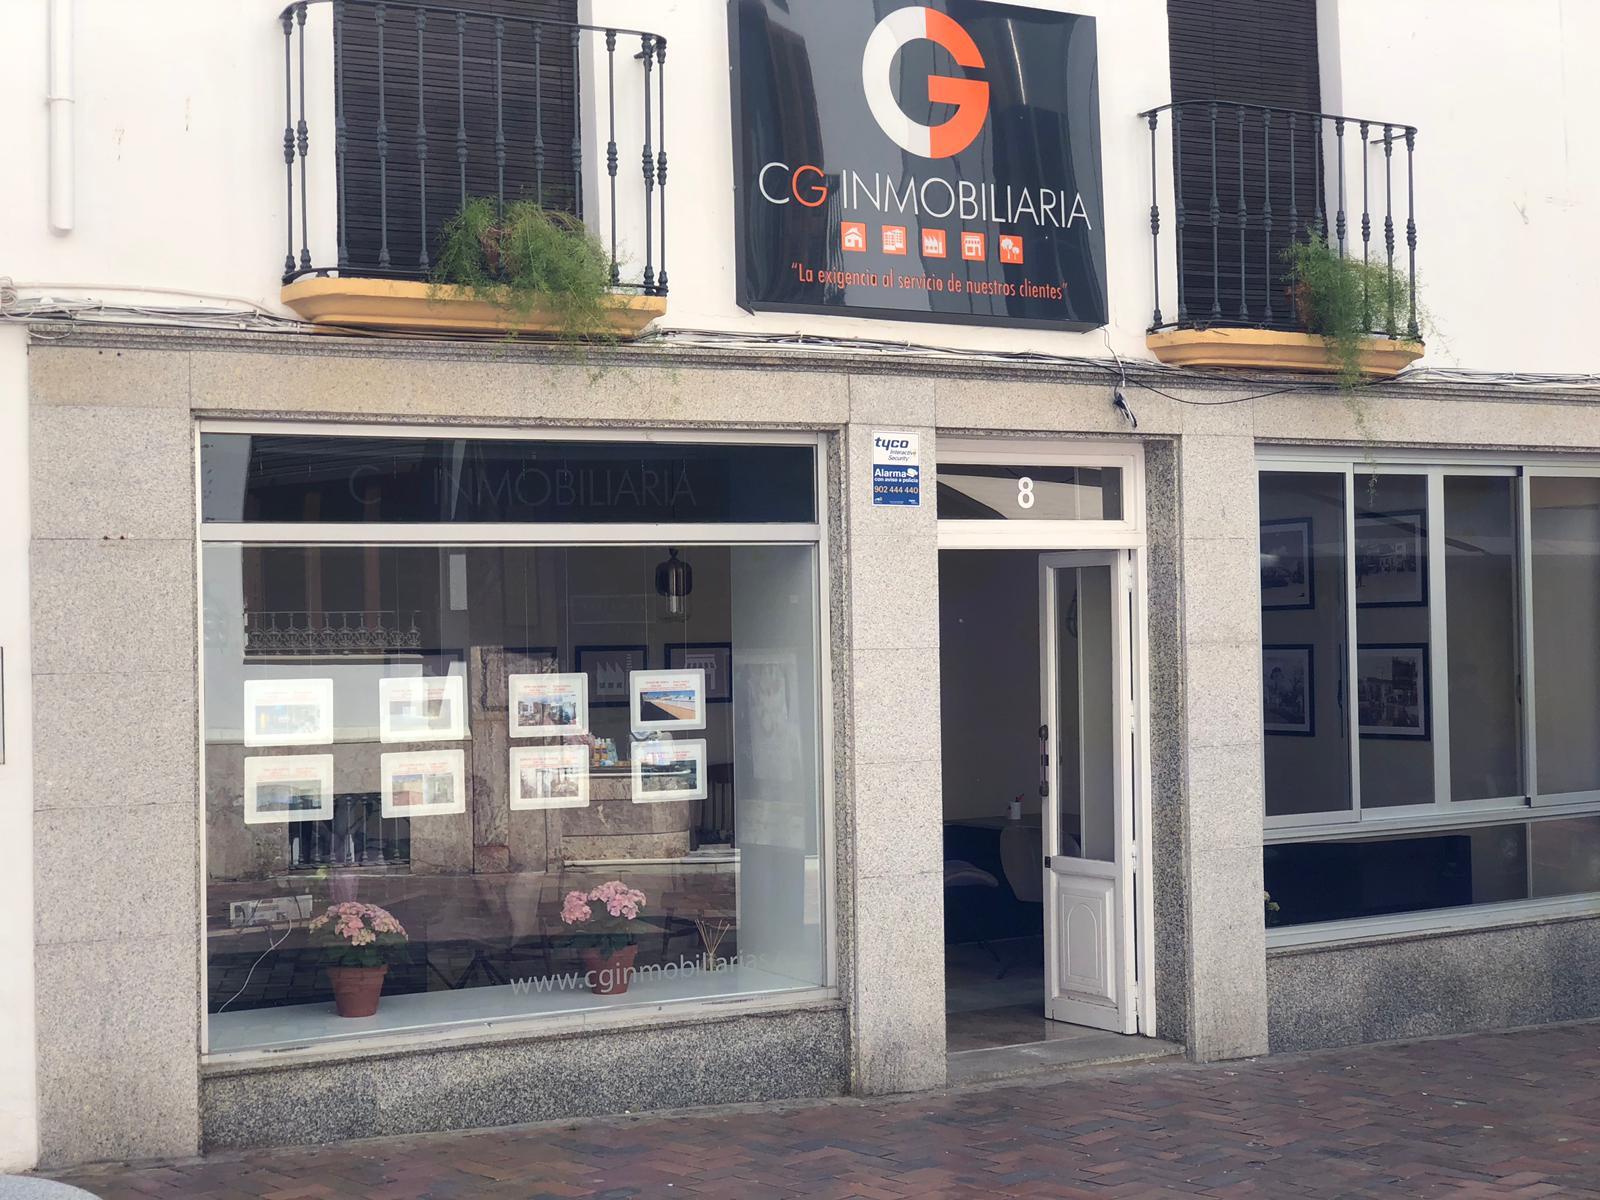 España Inmobiliaria Almendralejo CG Casas